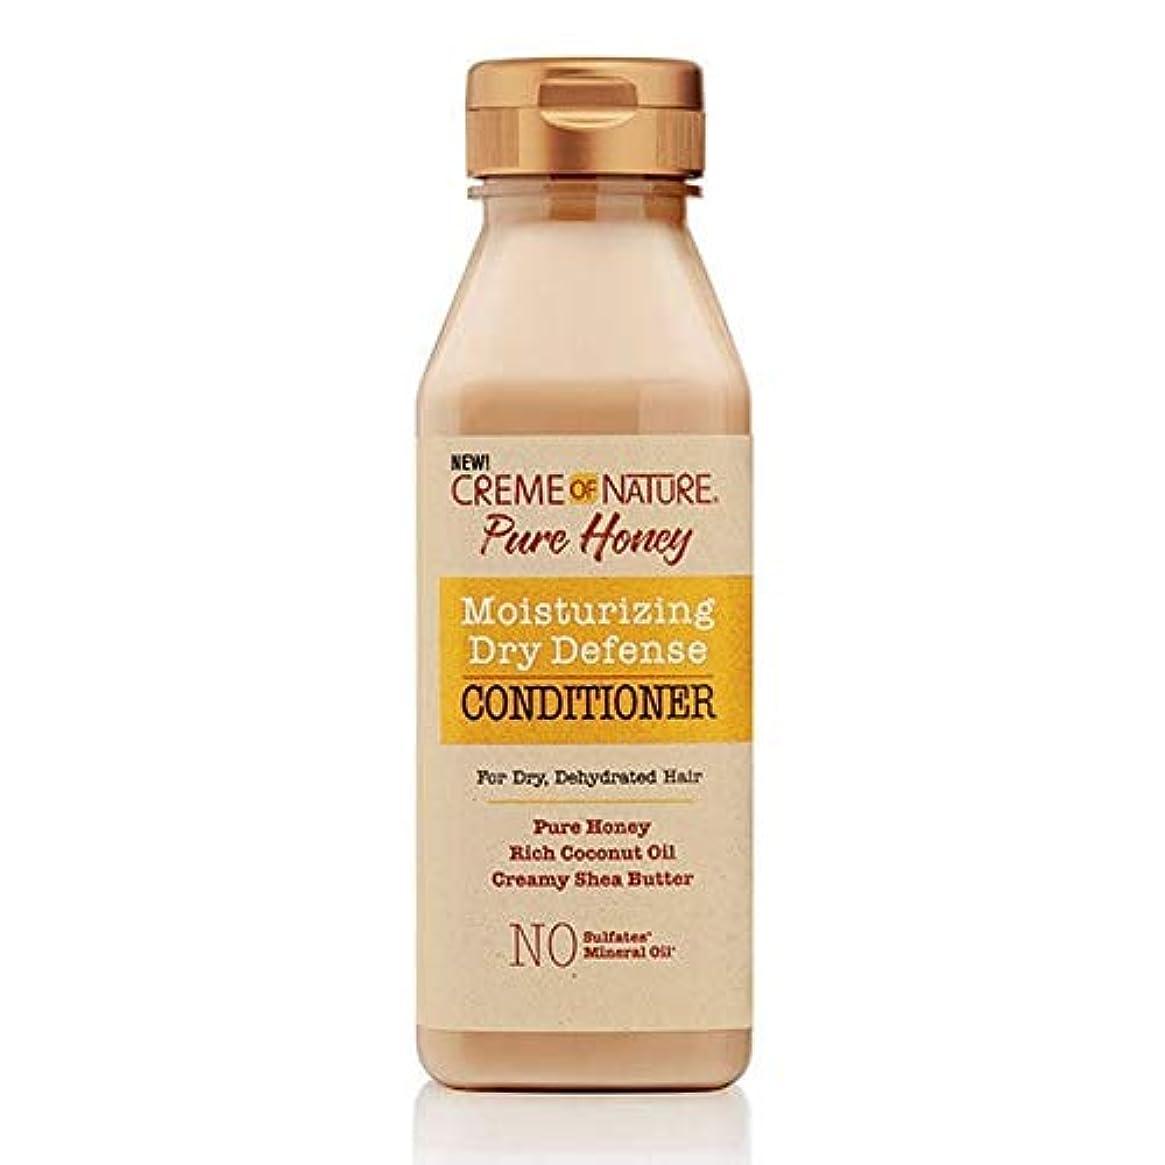 く抑圧エミュレートする[Creme of Nature ] 自然の純粋蜂蜜ドライ防衛コンディショナー355ミリリットルのクリーム - Creme of Nature Pure Honey Dry Defence Conditioner 355ml...